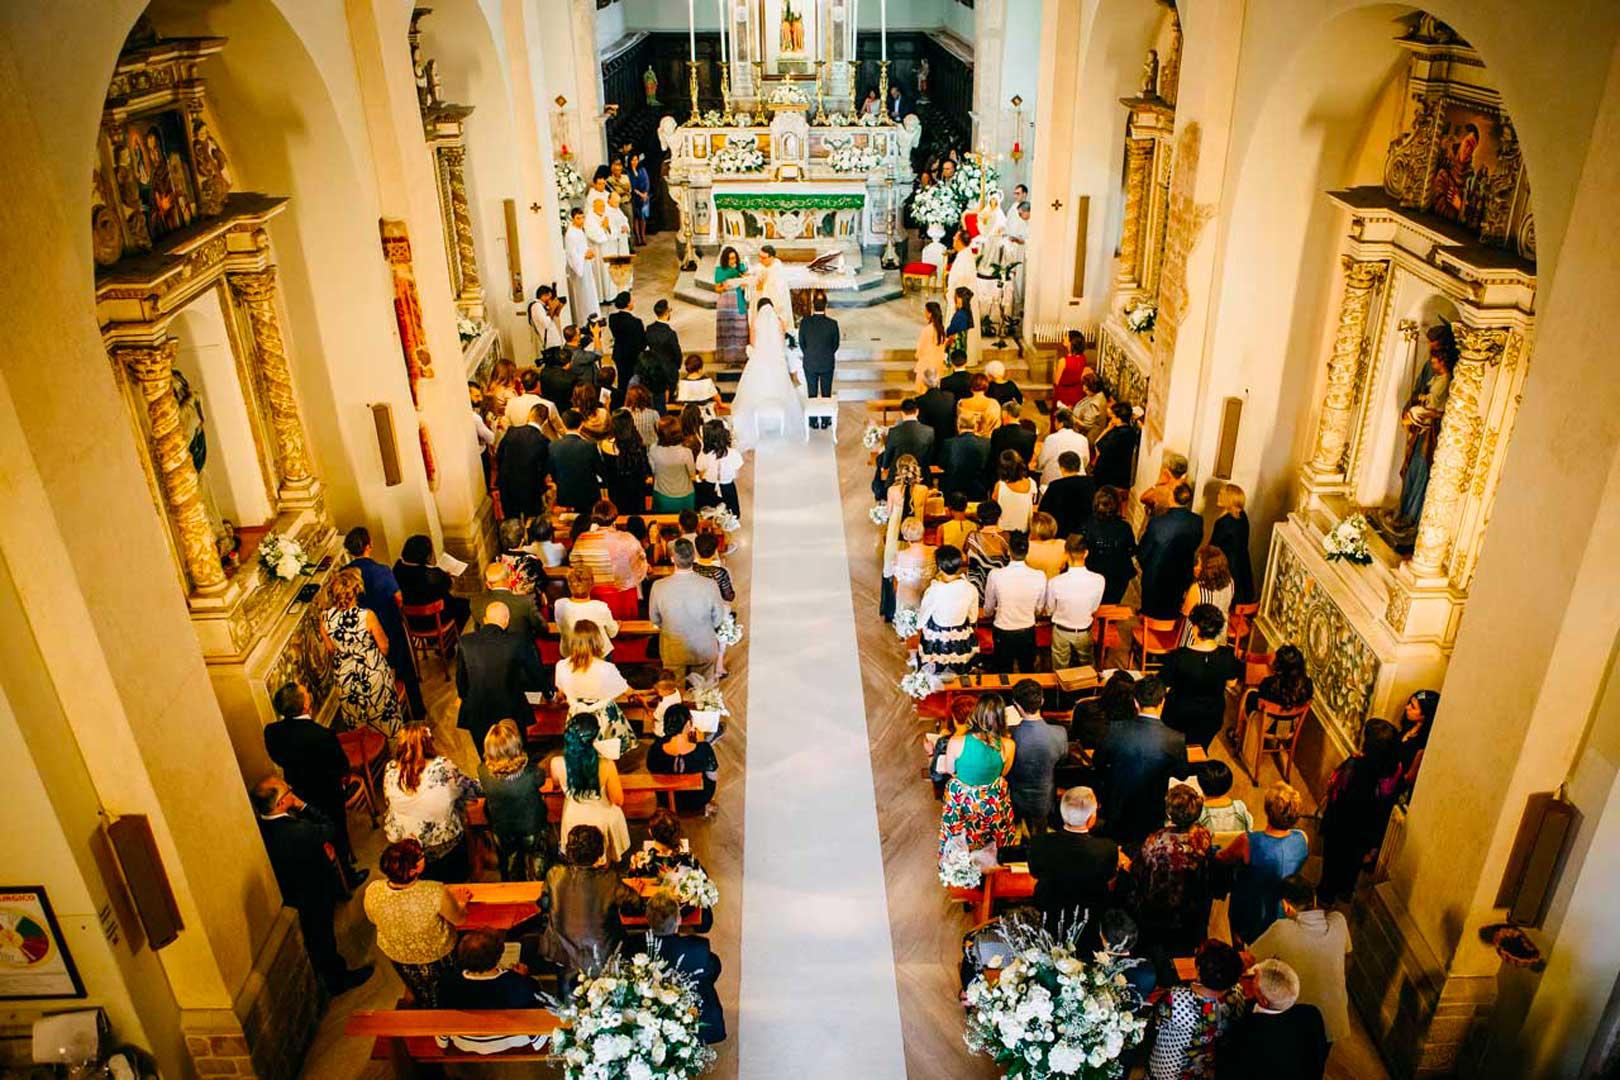 016-convento-san-matteo-matrimonio-gianni-lepore